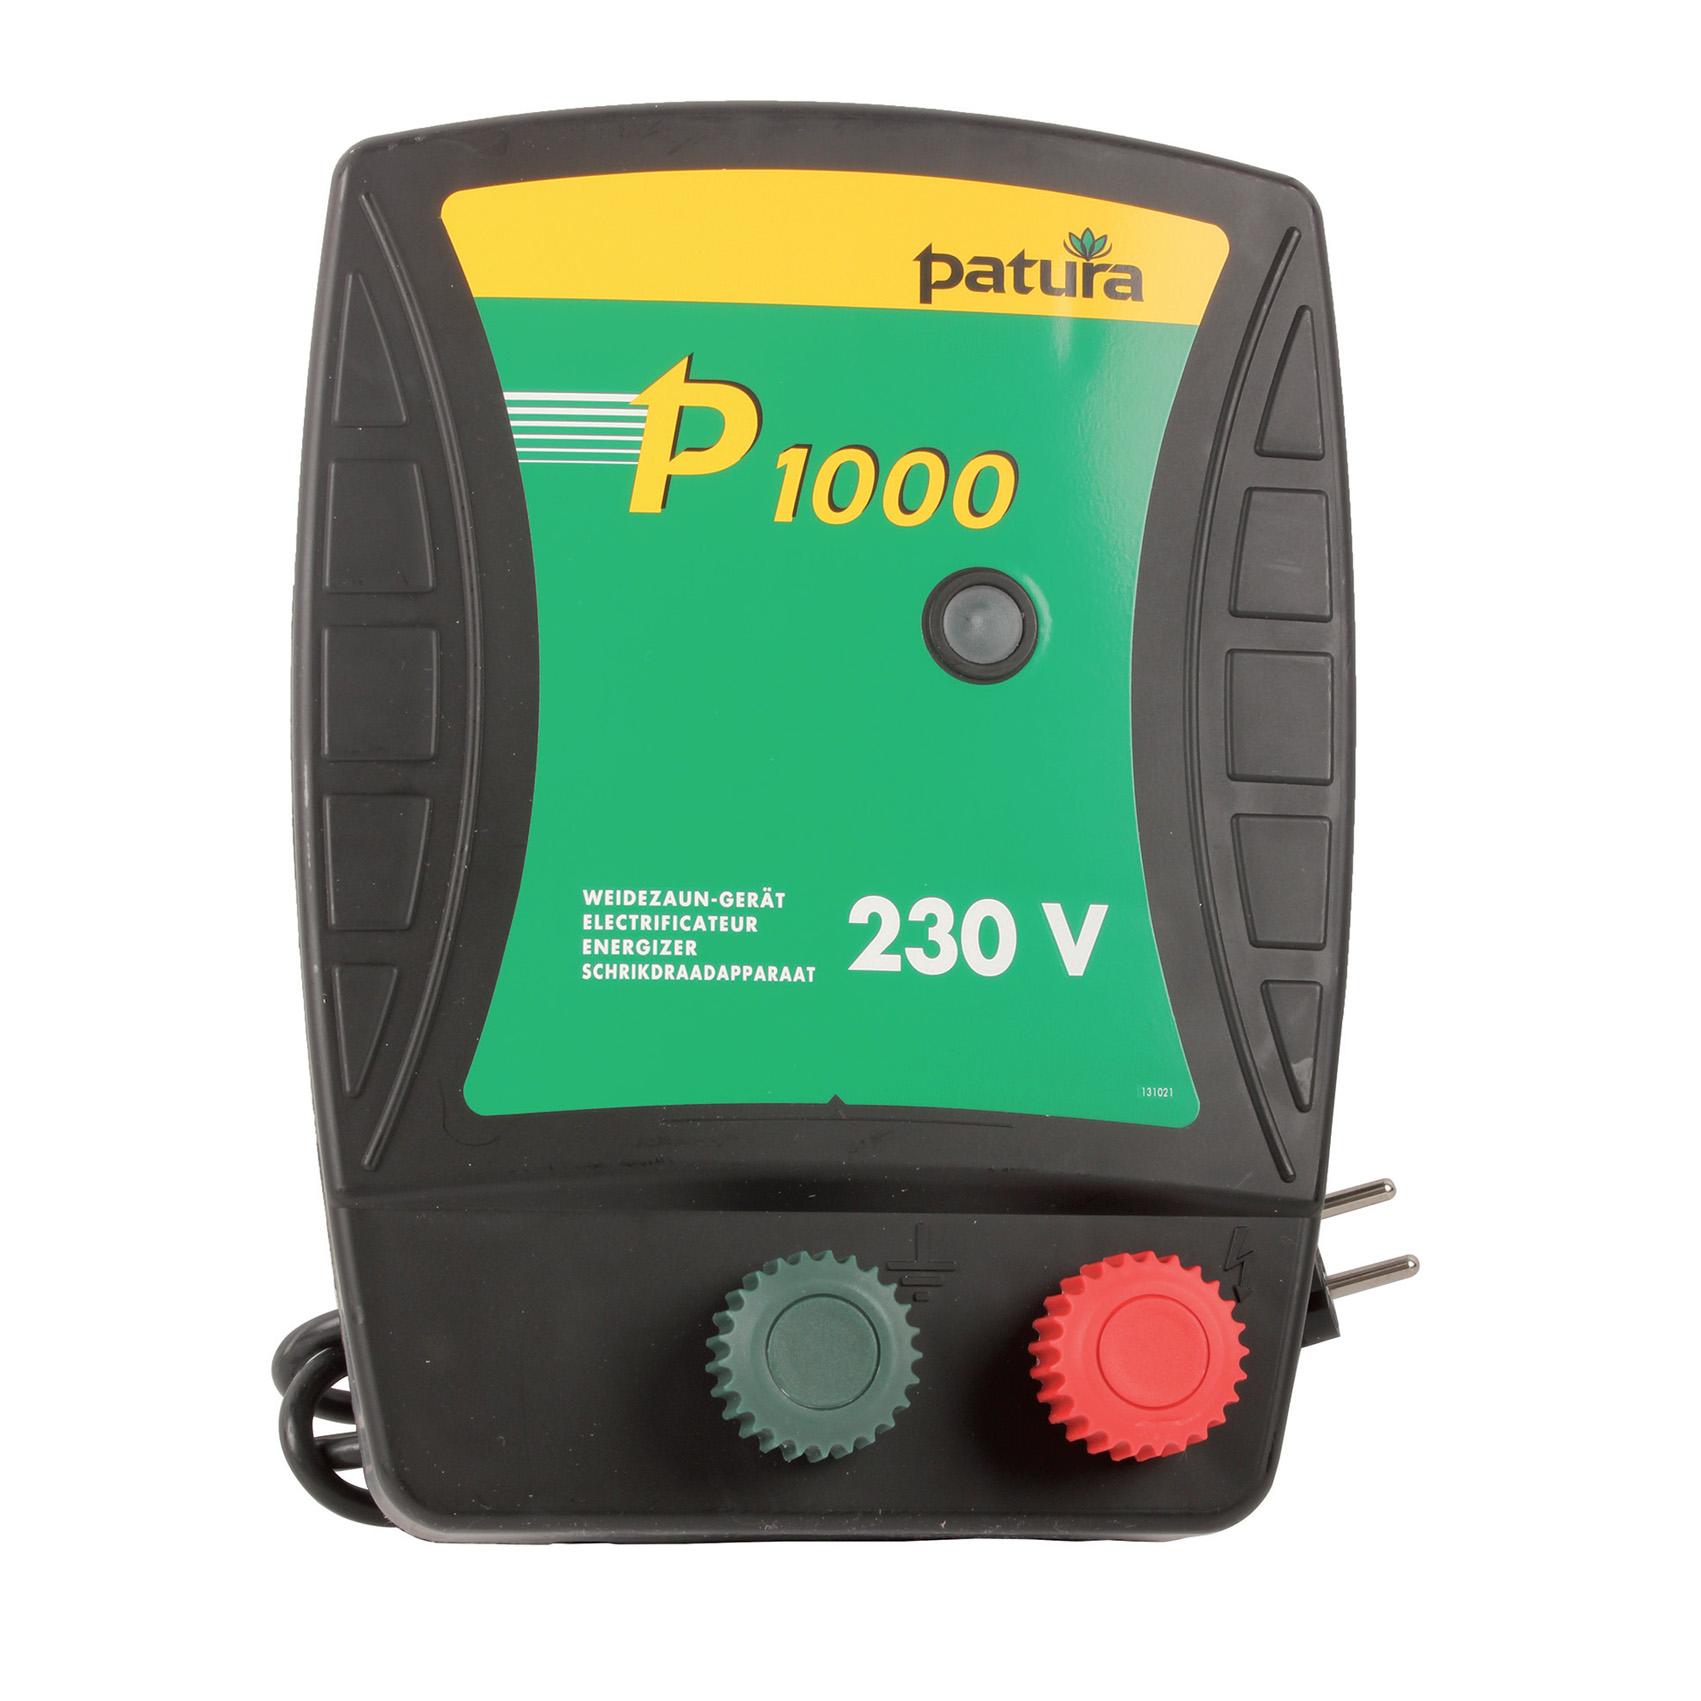 Electrificateur P1000, 230 V, 0,75 joules